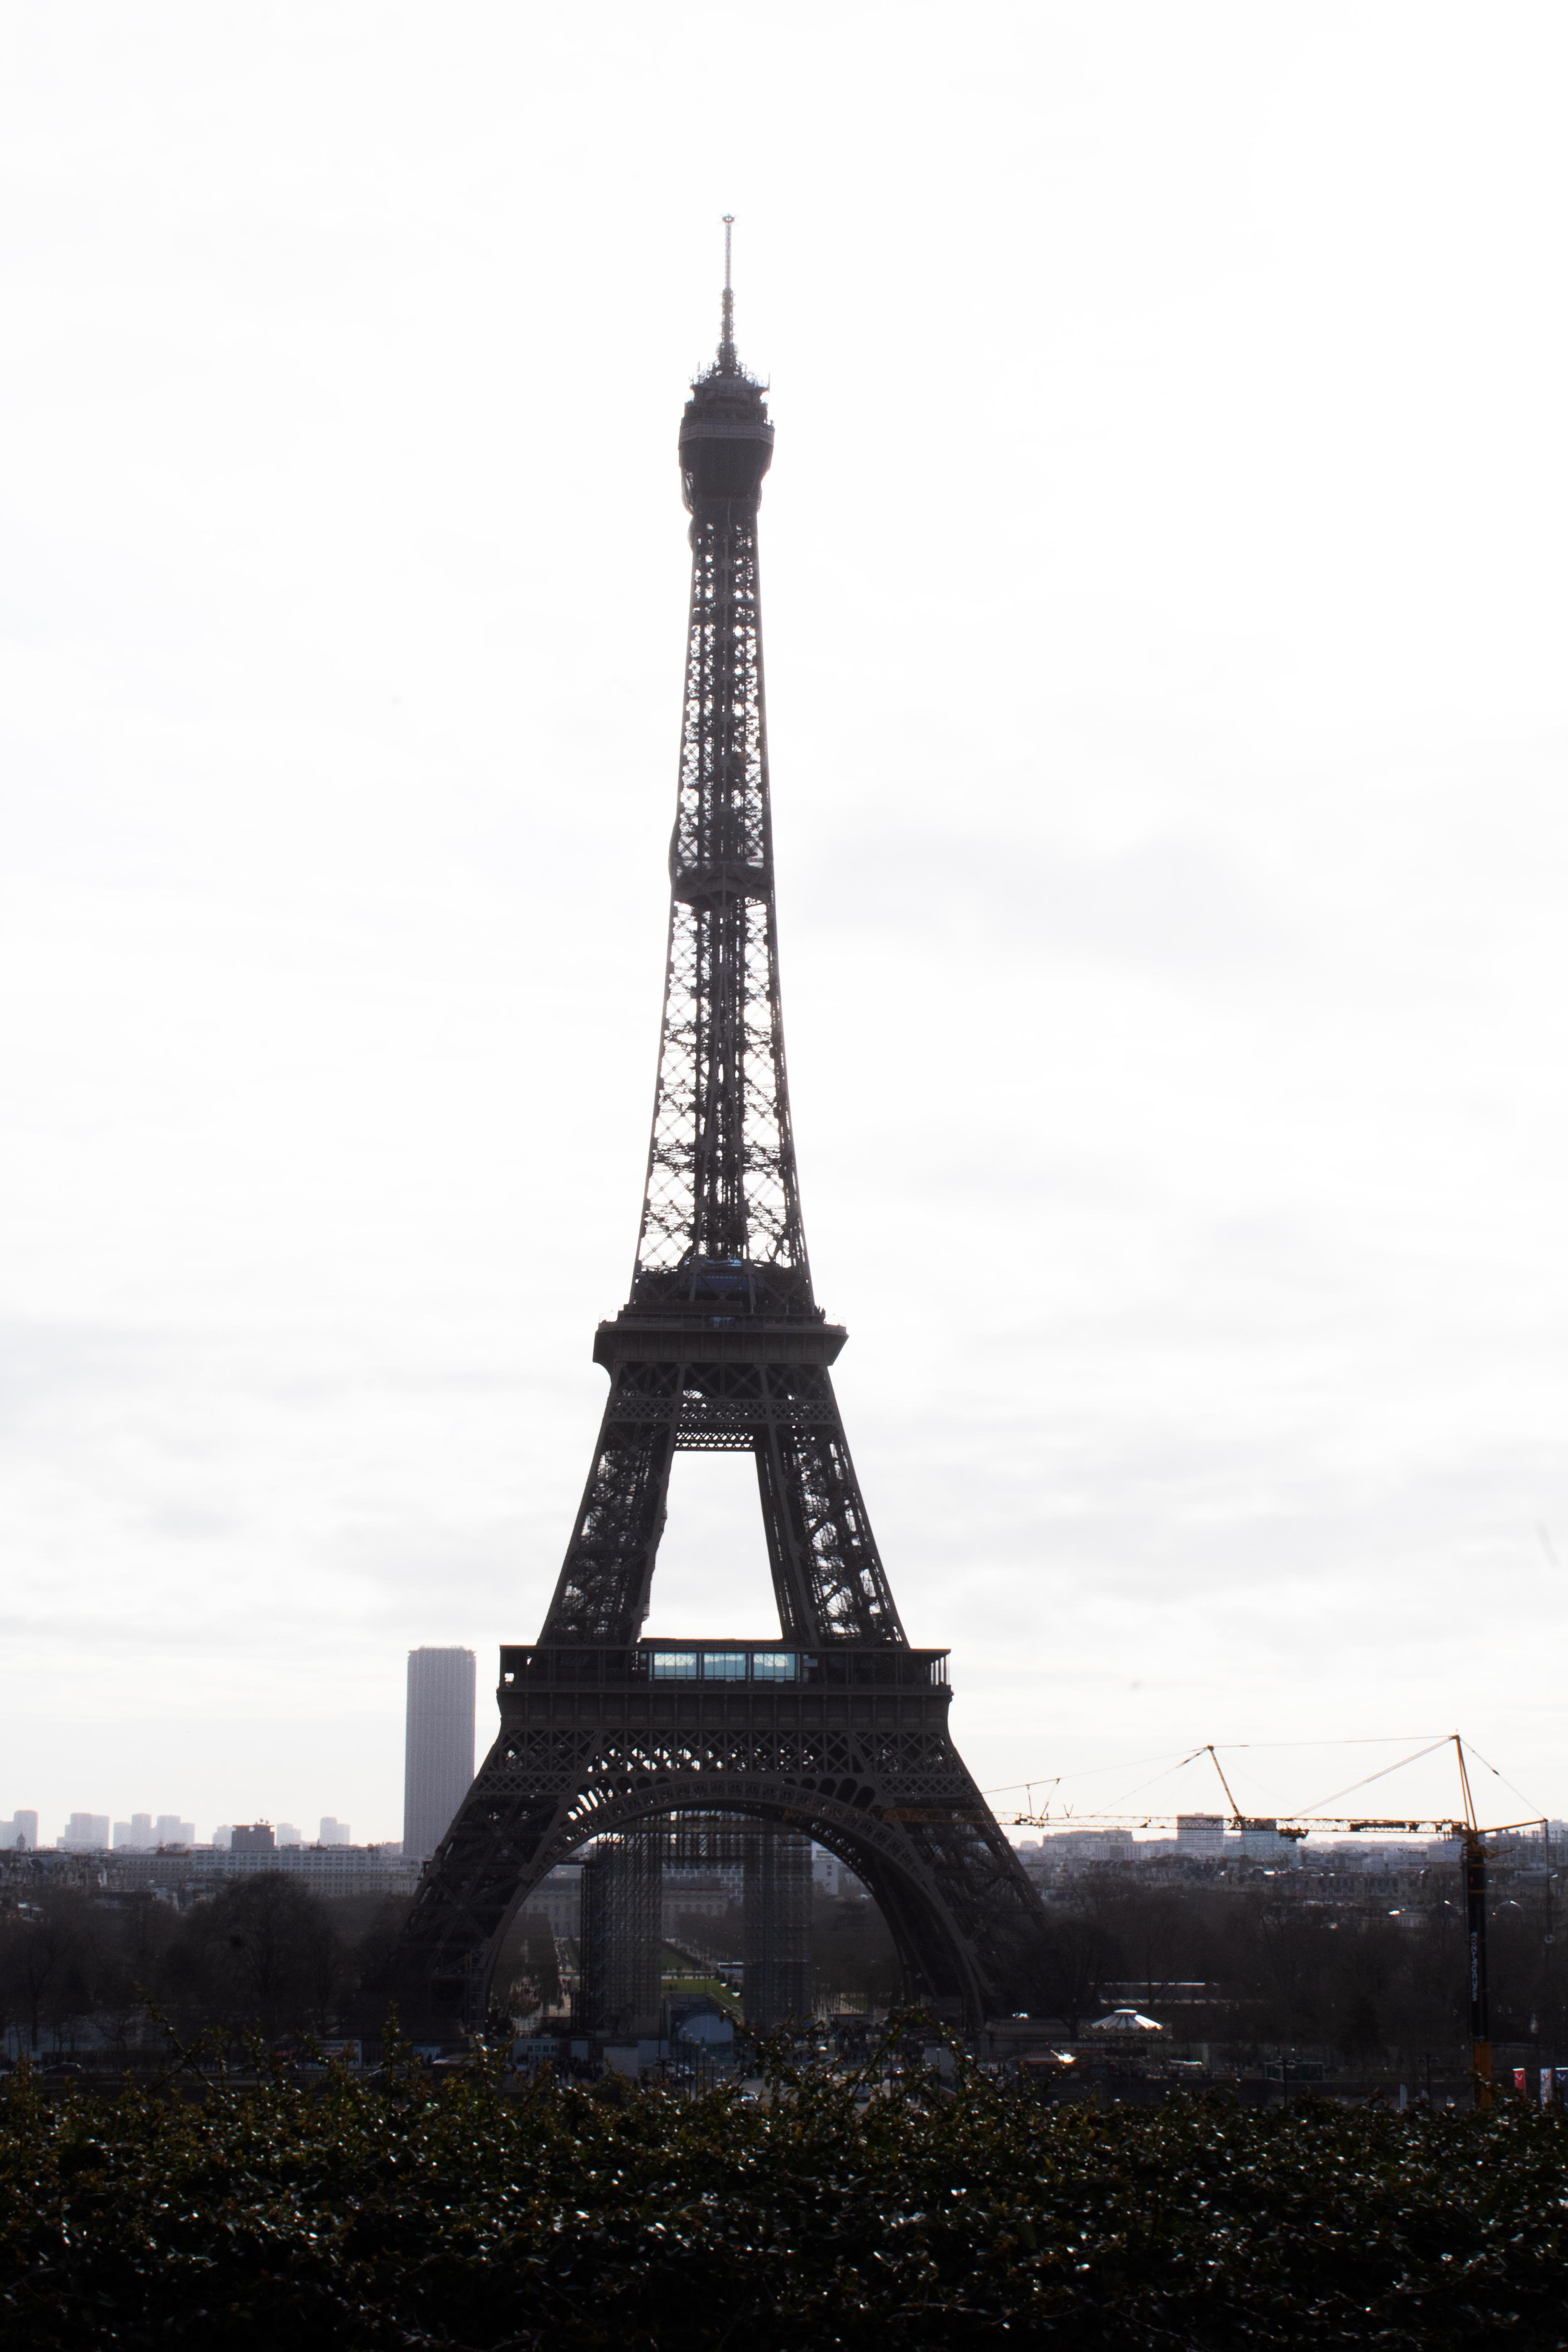 EiffelTowerTrocadero